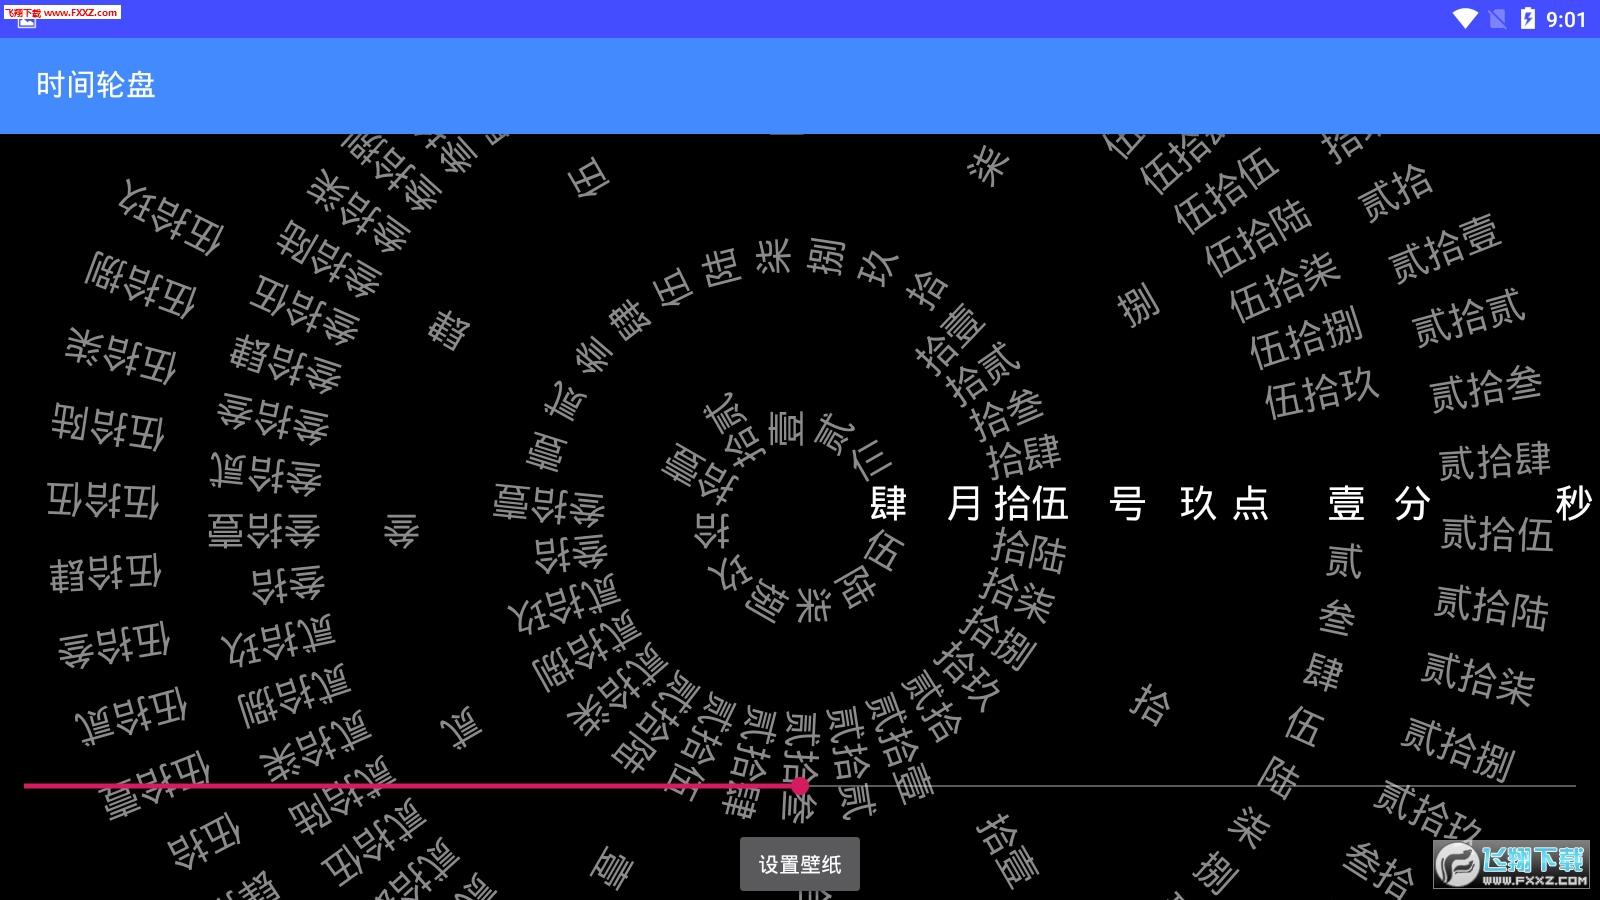 抖音时间轮盘动态壁纸v1.91截图0